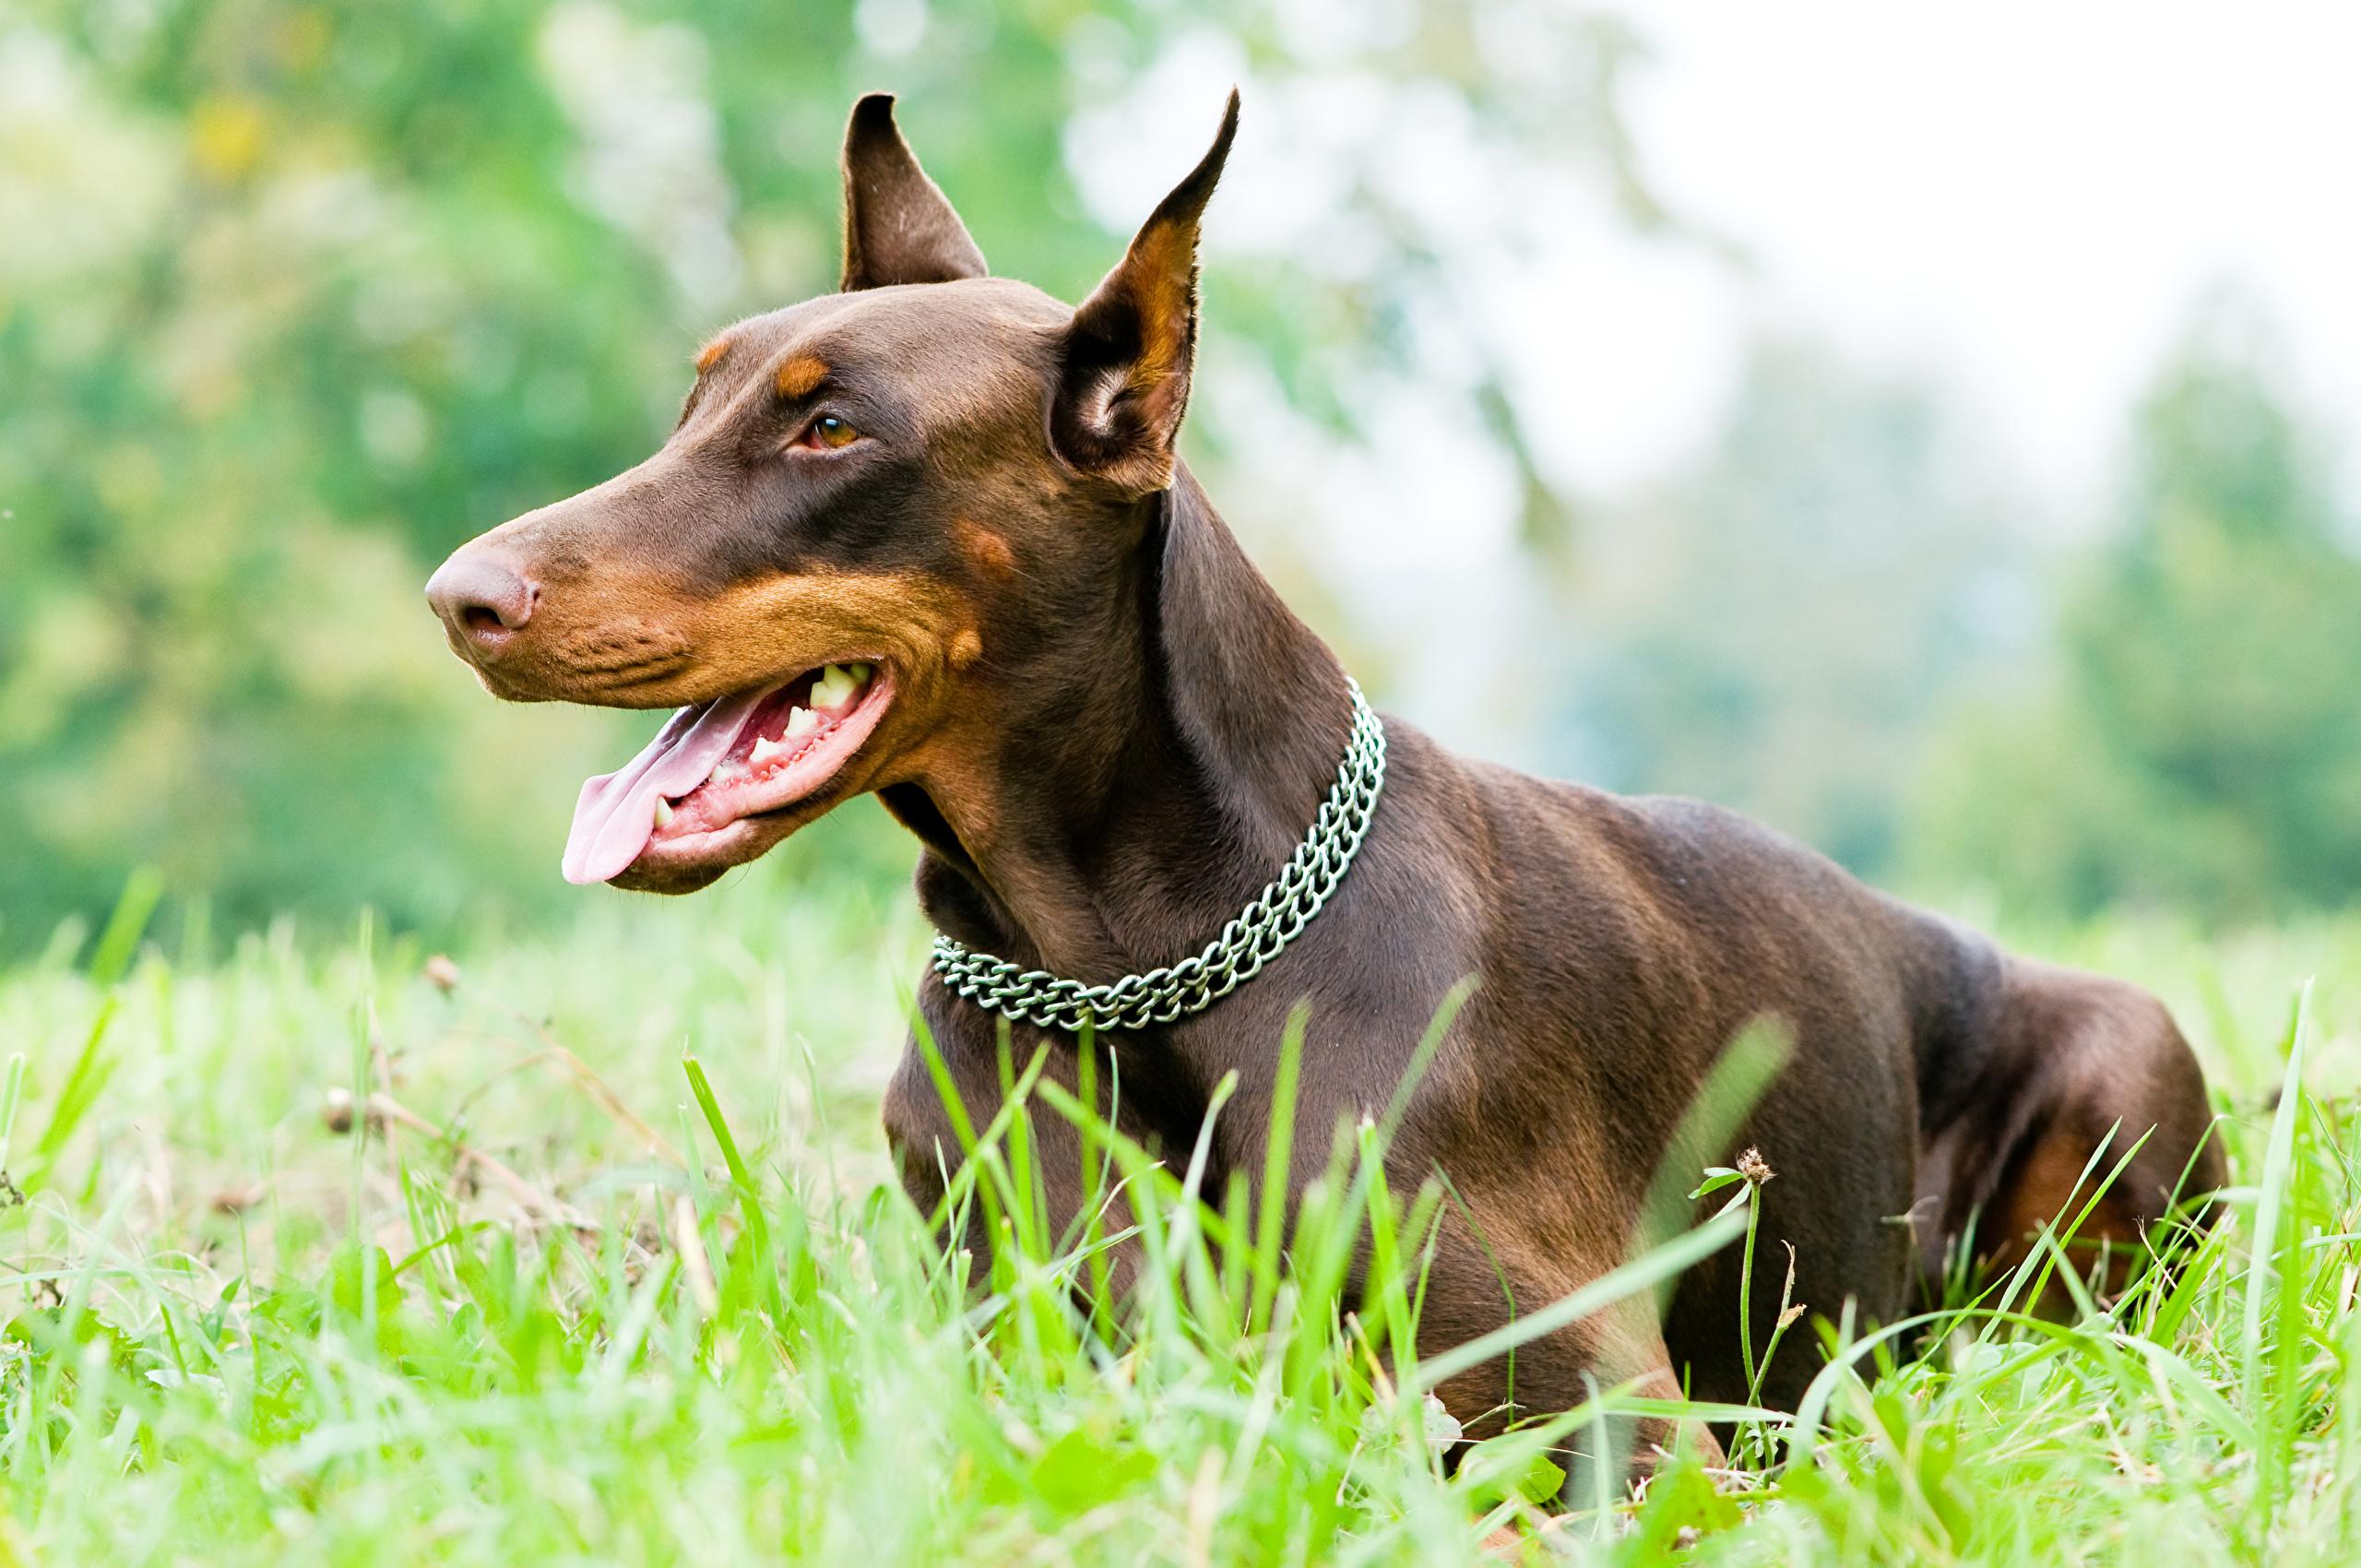 обнаруживаются картинки собаки добермана пинчера свою самую удачную